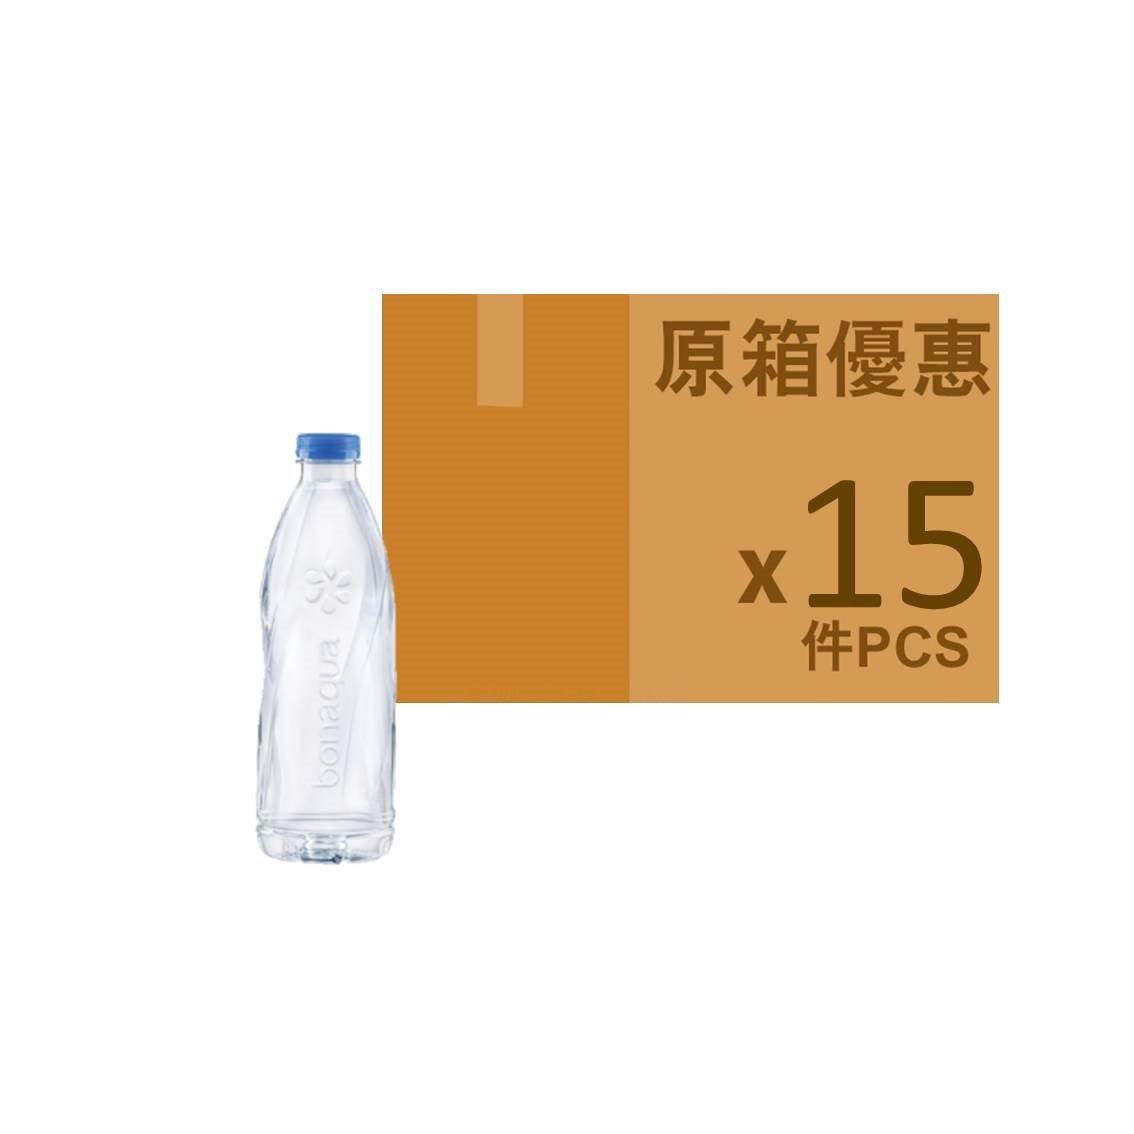 BONAQUA 礦物質水600ML(原箱)